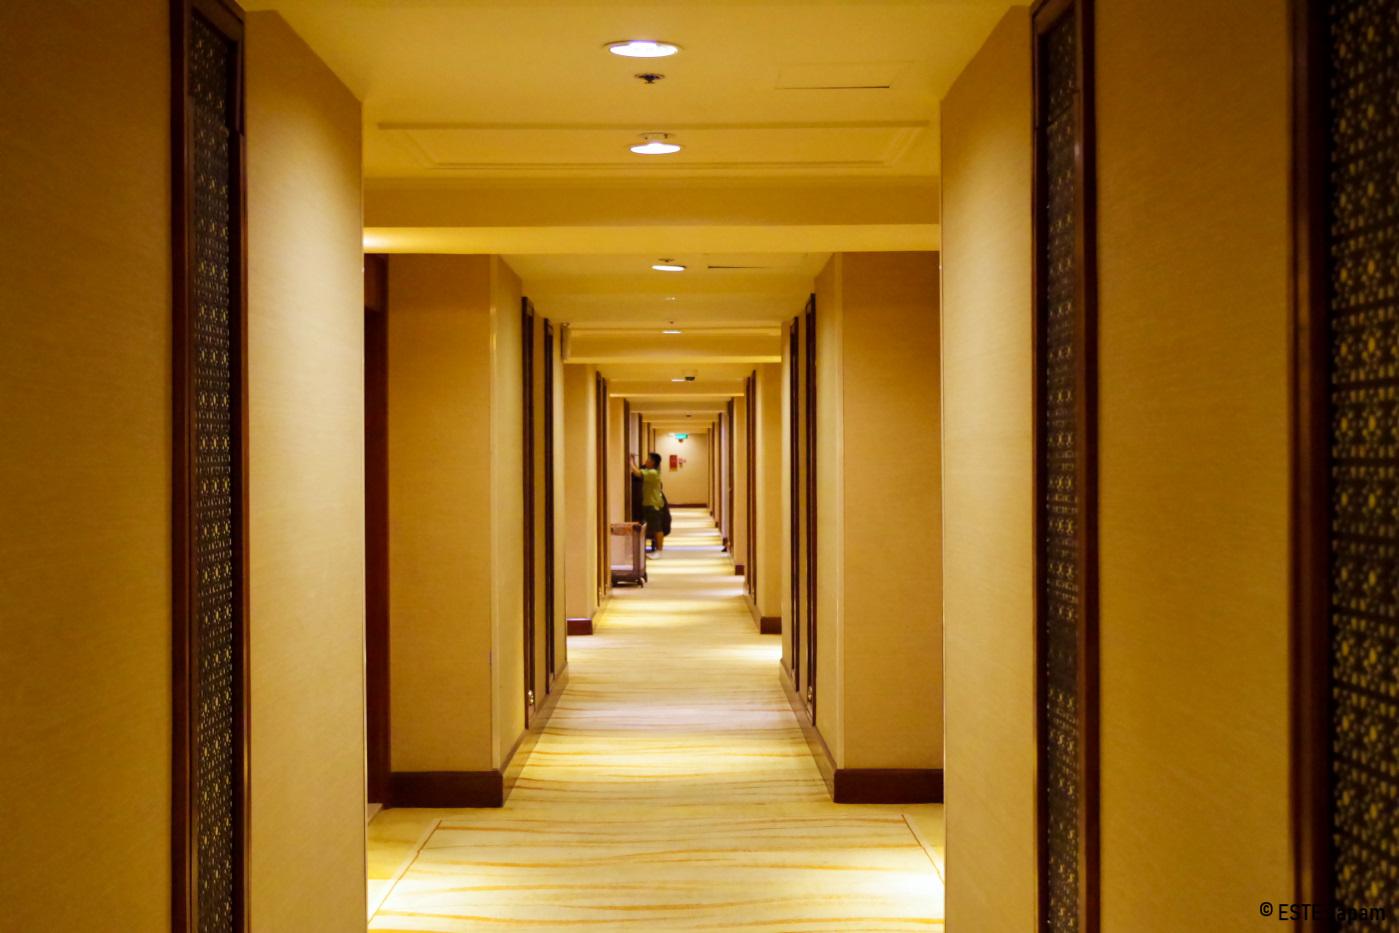 シャングリラホテルの長い廊下